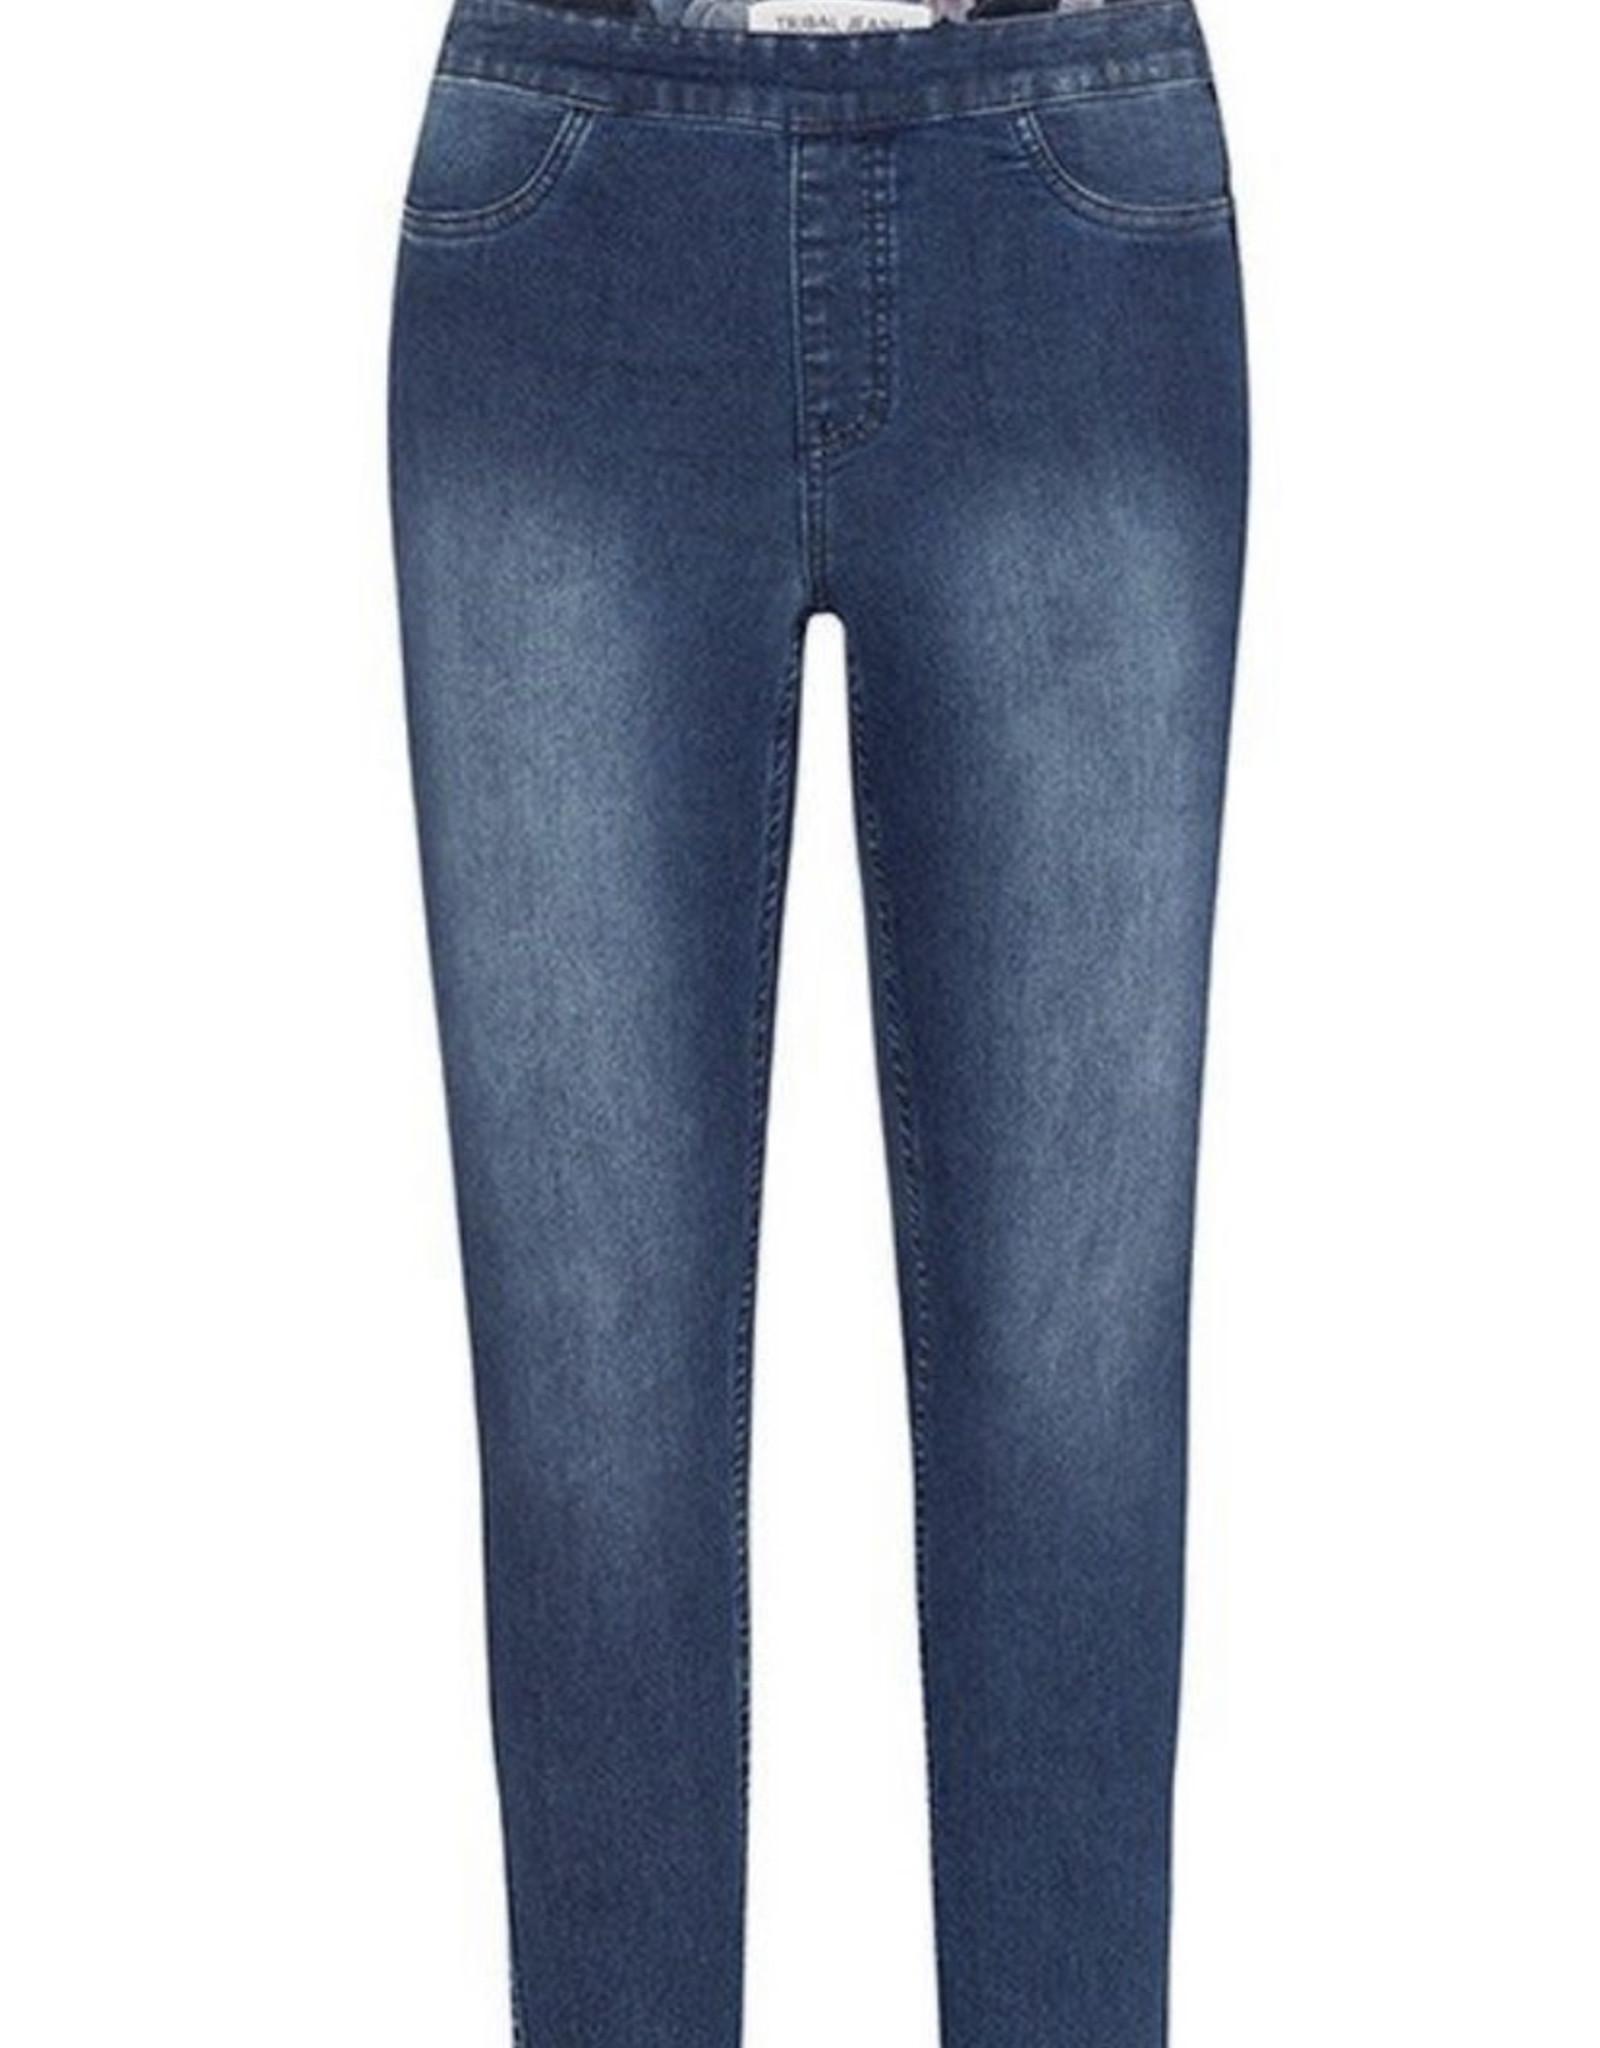 Reversable skinny jeans